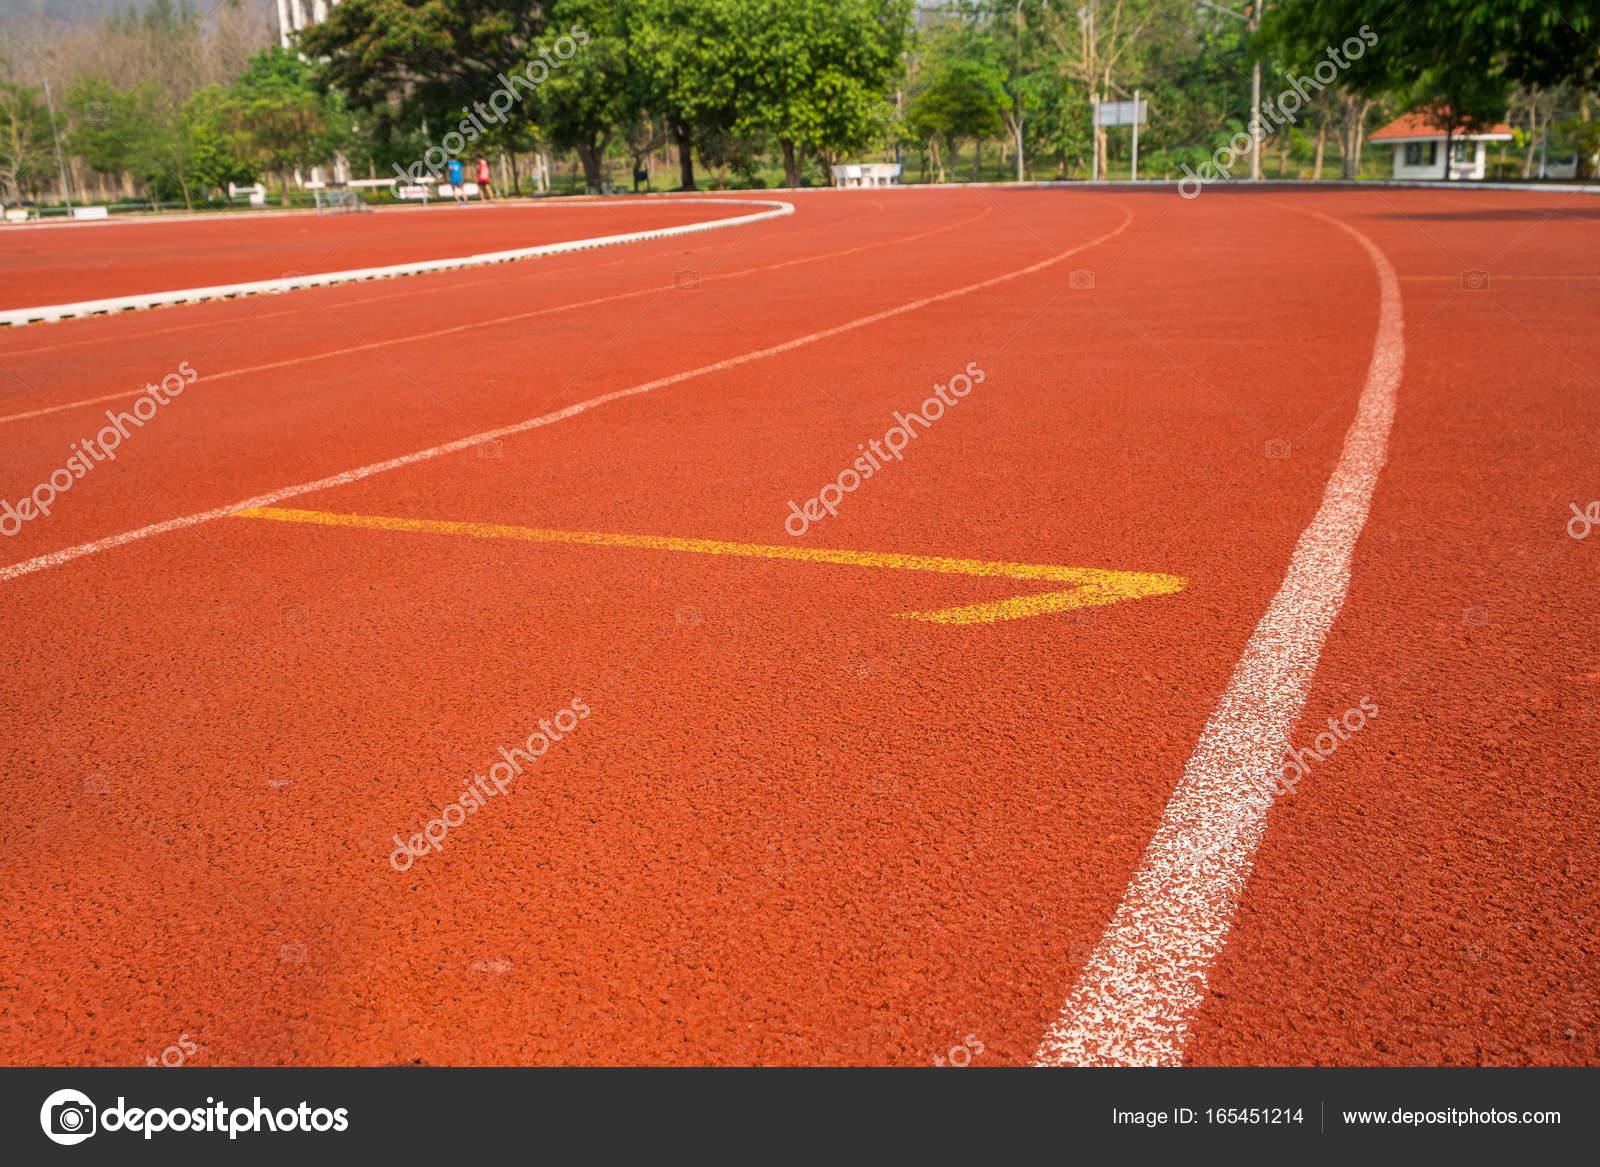 Vloeren Voor Buiten : Buiten rubber vloeren rubber buiten atletiekbaan u2014 stockfoto